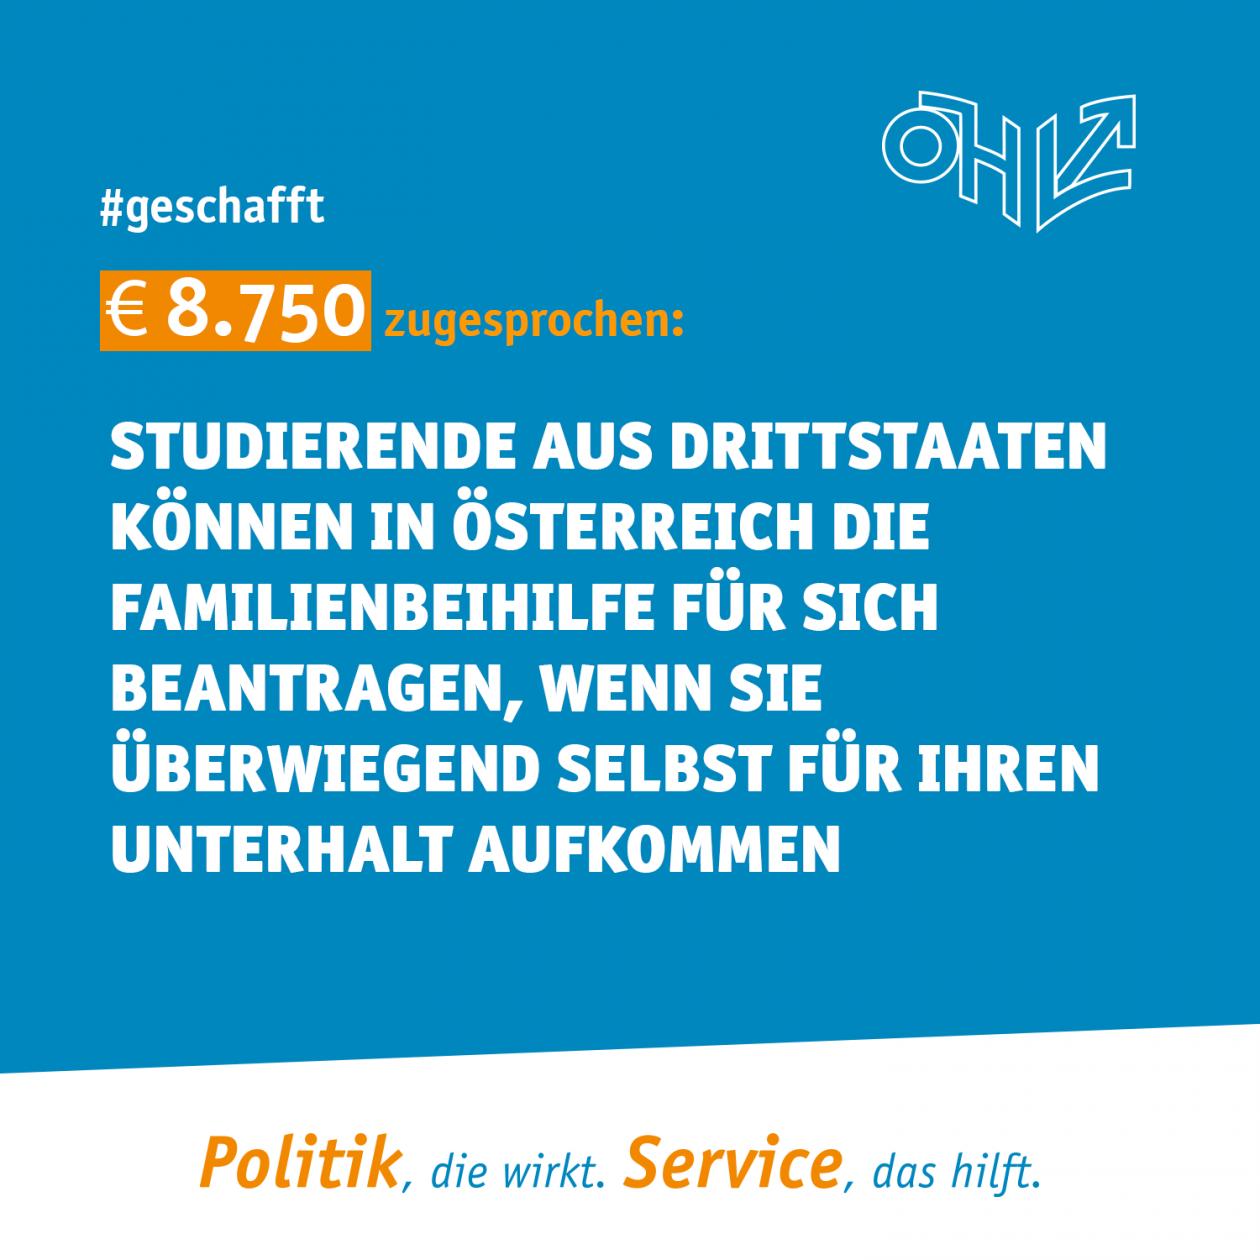 € 8.750 zugesprochen